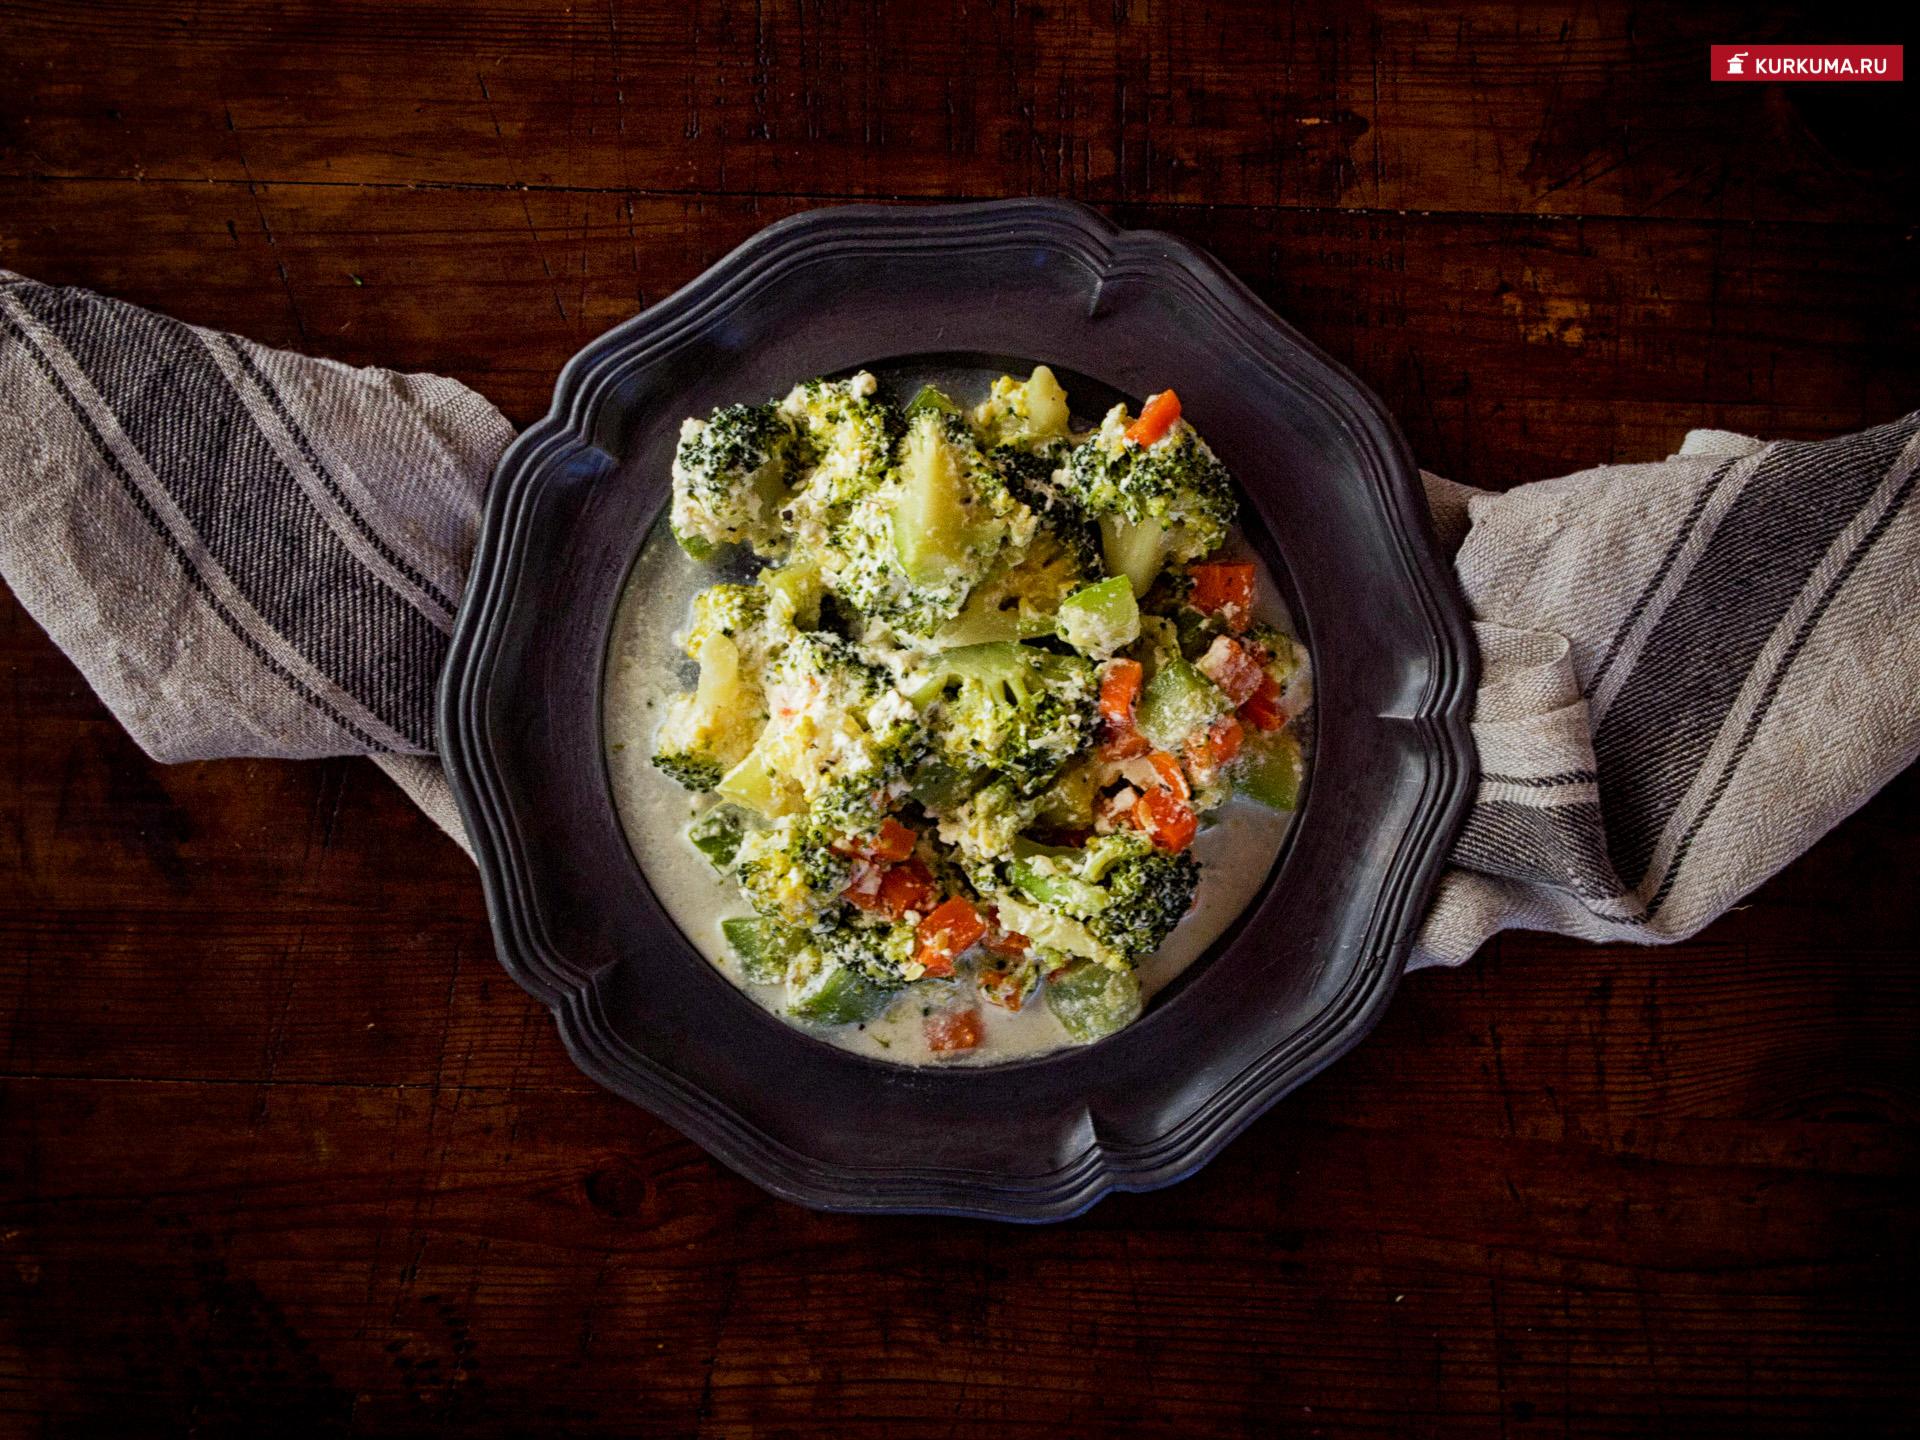 Рецепт - сливочное сабжи